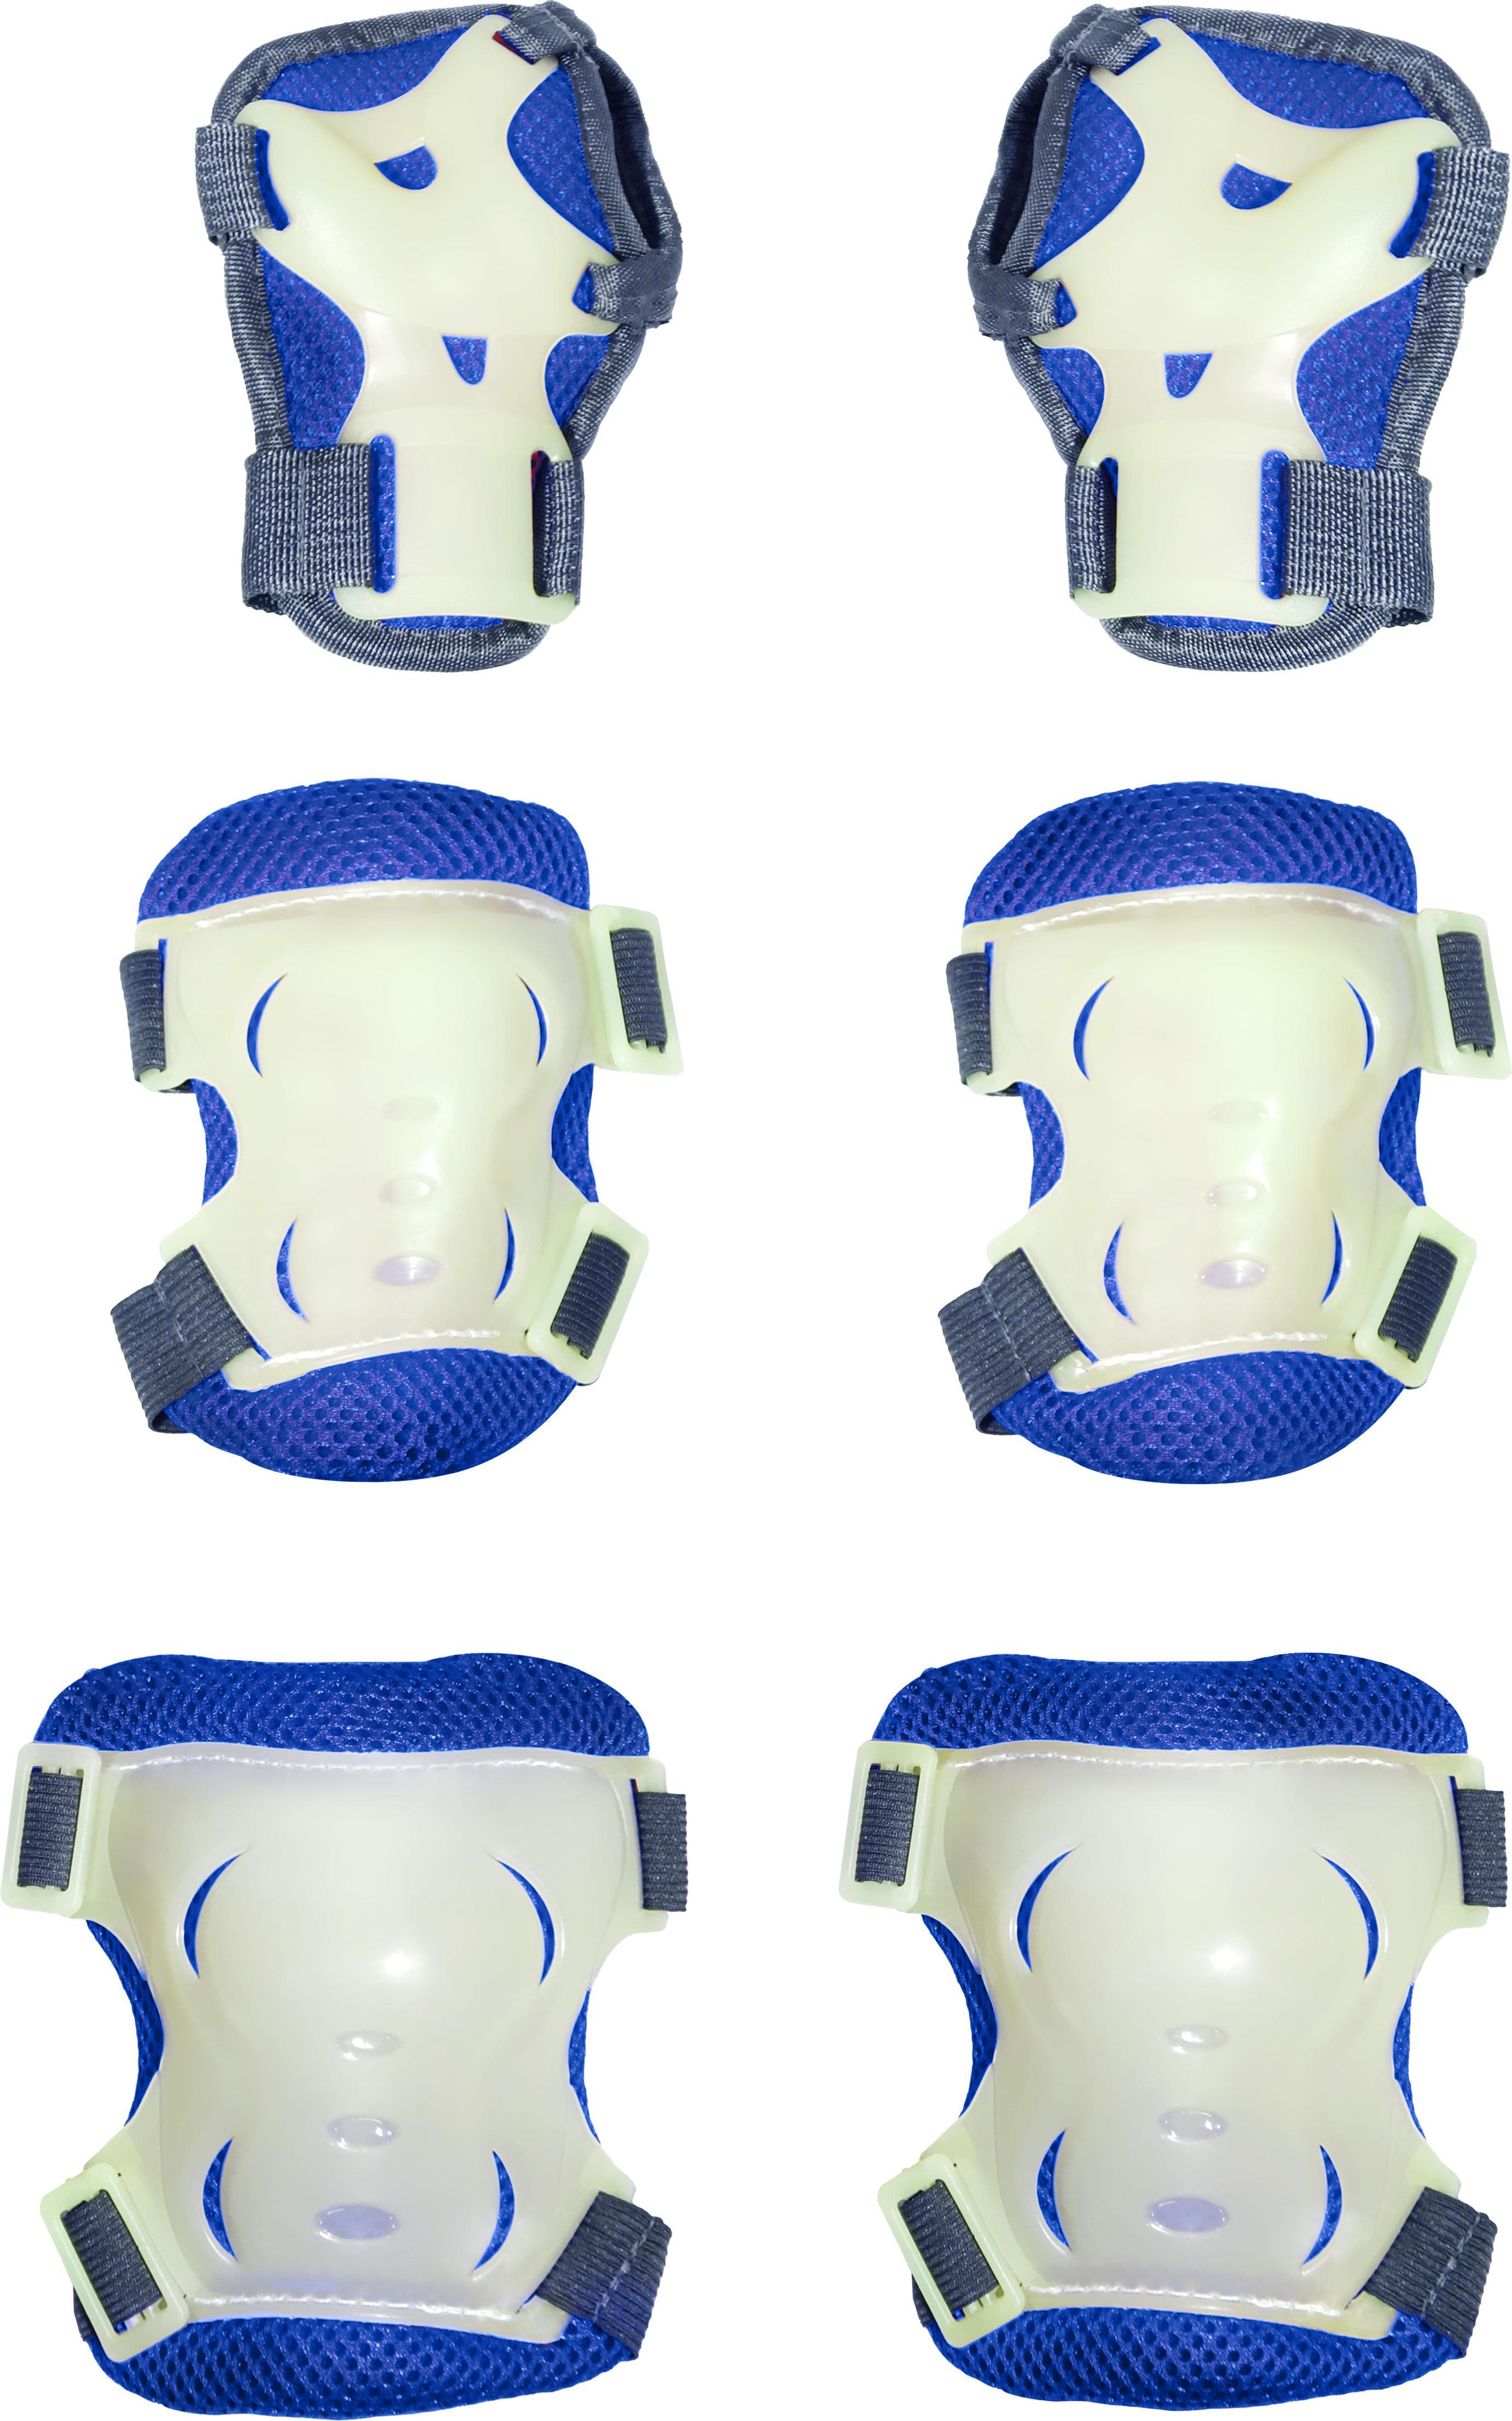 Купить Детский защитный комплект BrightKid (15805-1) синий, Синий, Китай, Спортивные игры и игрушки для улицы